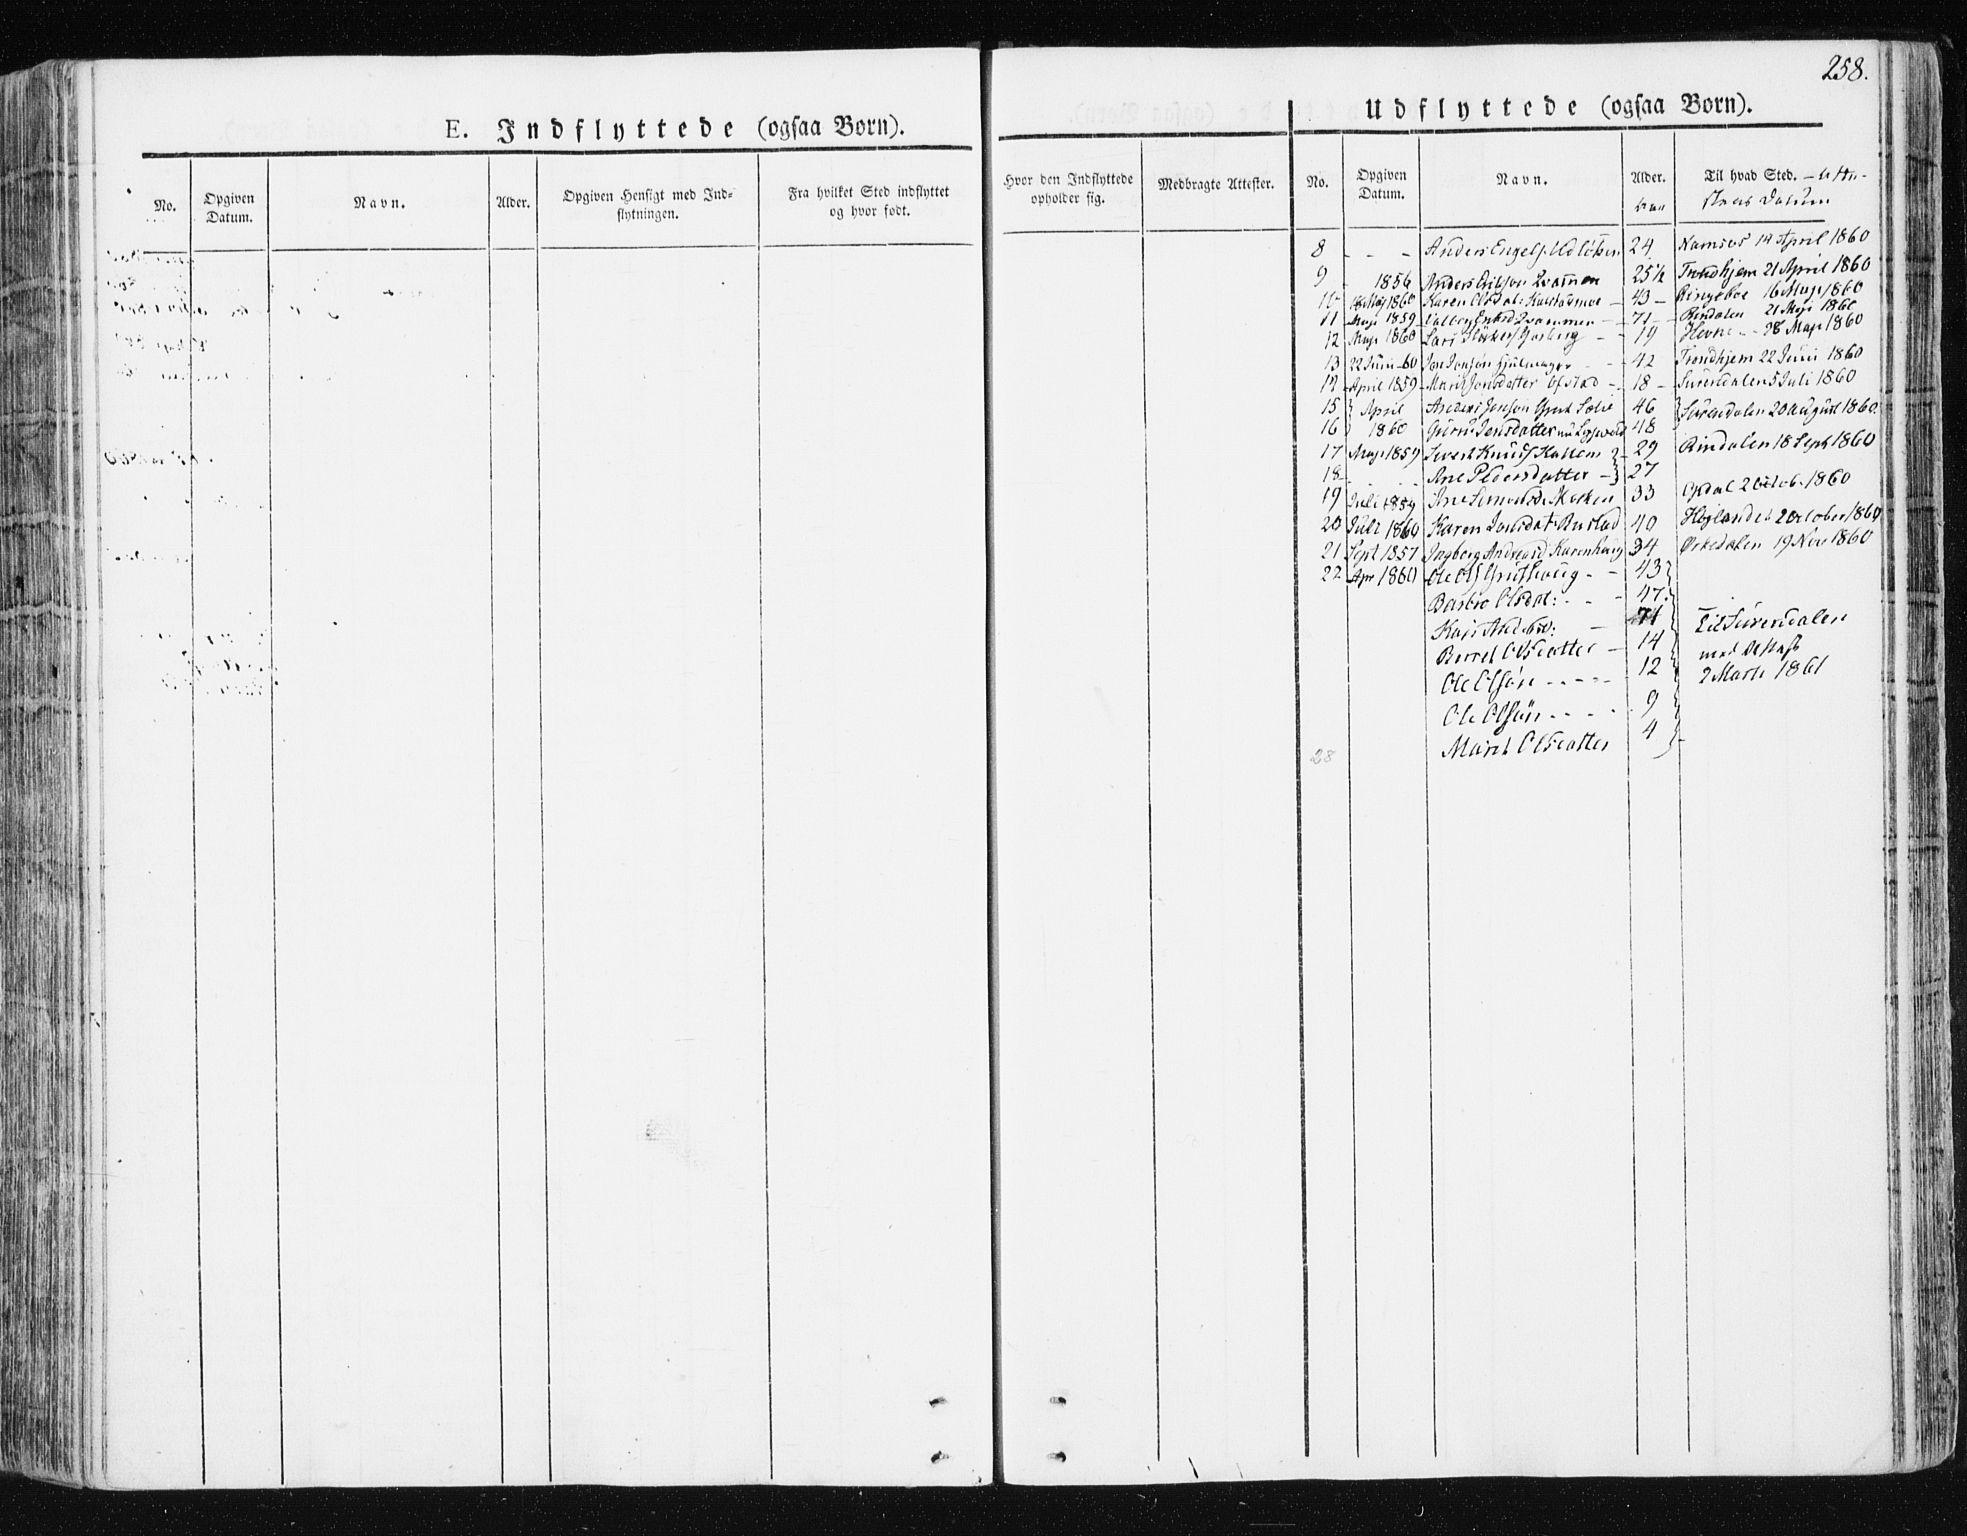 SAT, Ministerialprotokoller, klokkerbøker og fødselsregistre - Sør-Trøndelag, 672/L0855: Ministerialbok nr. 672A07, 1829-1860, s. 258